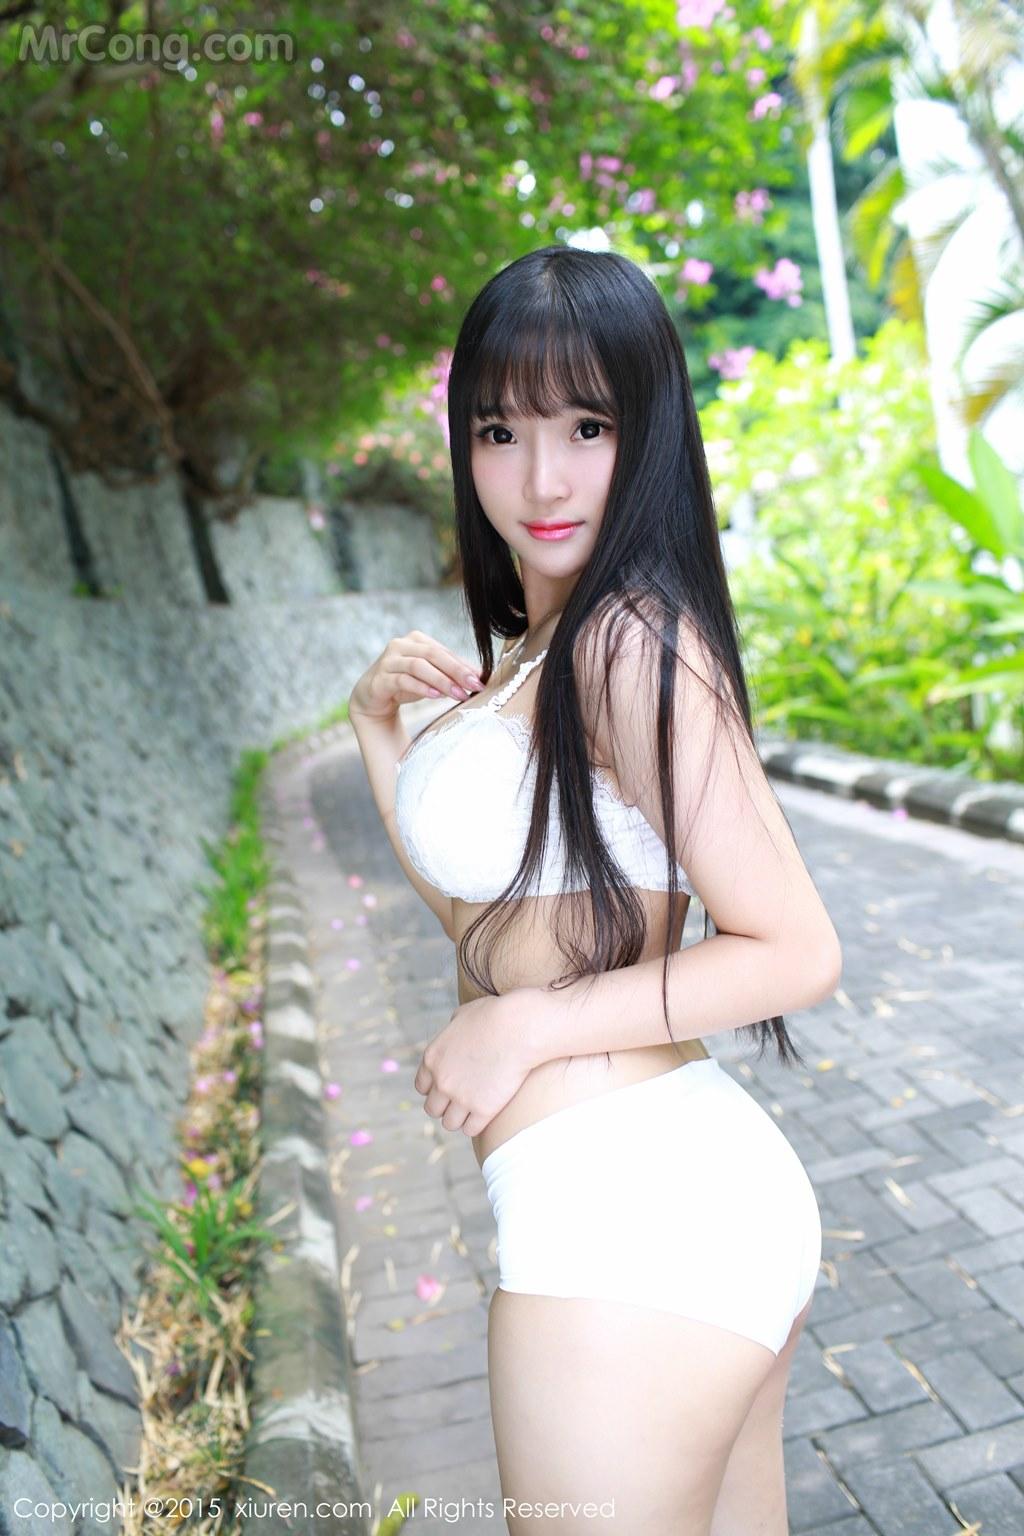 MrCong.com XIUREN No.409 Xia Yao baby 012 - XIUREN No.409: Model Xia Yao baby (夏 瑶 baby) (56 photos)